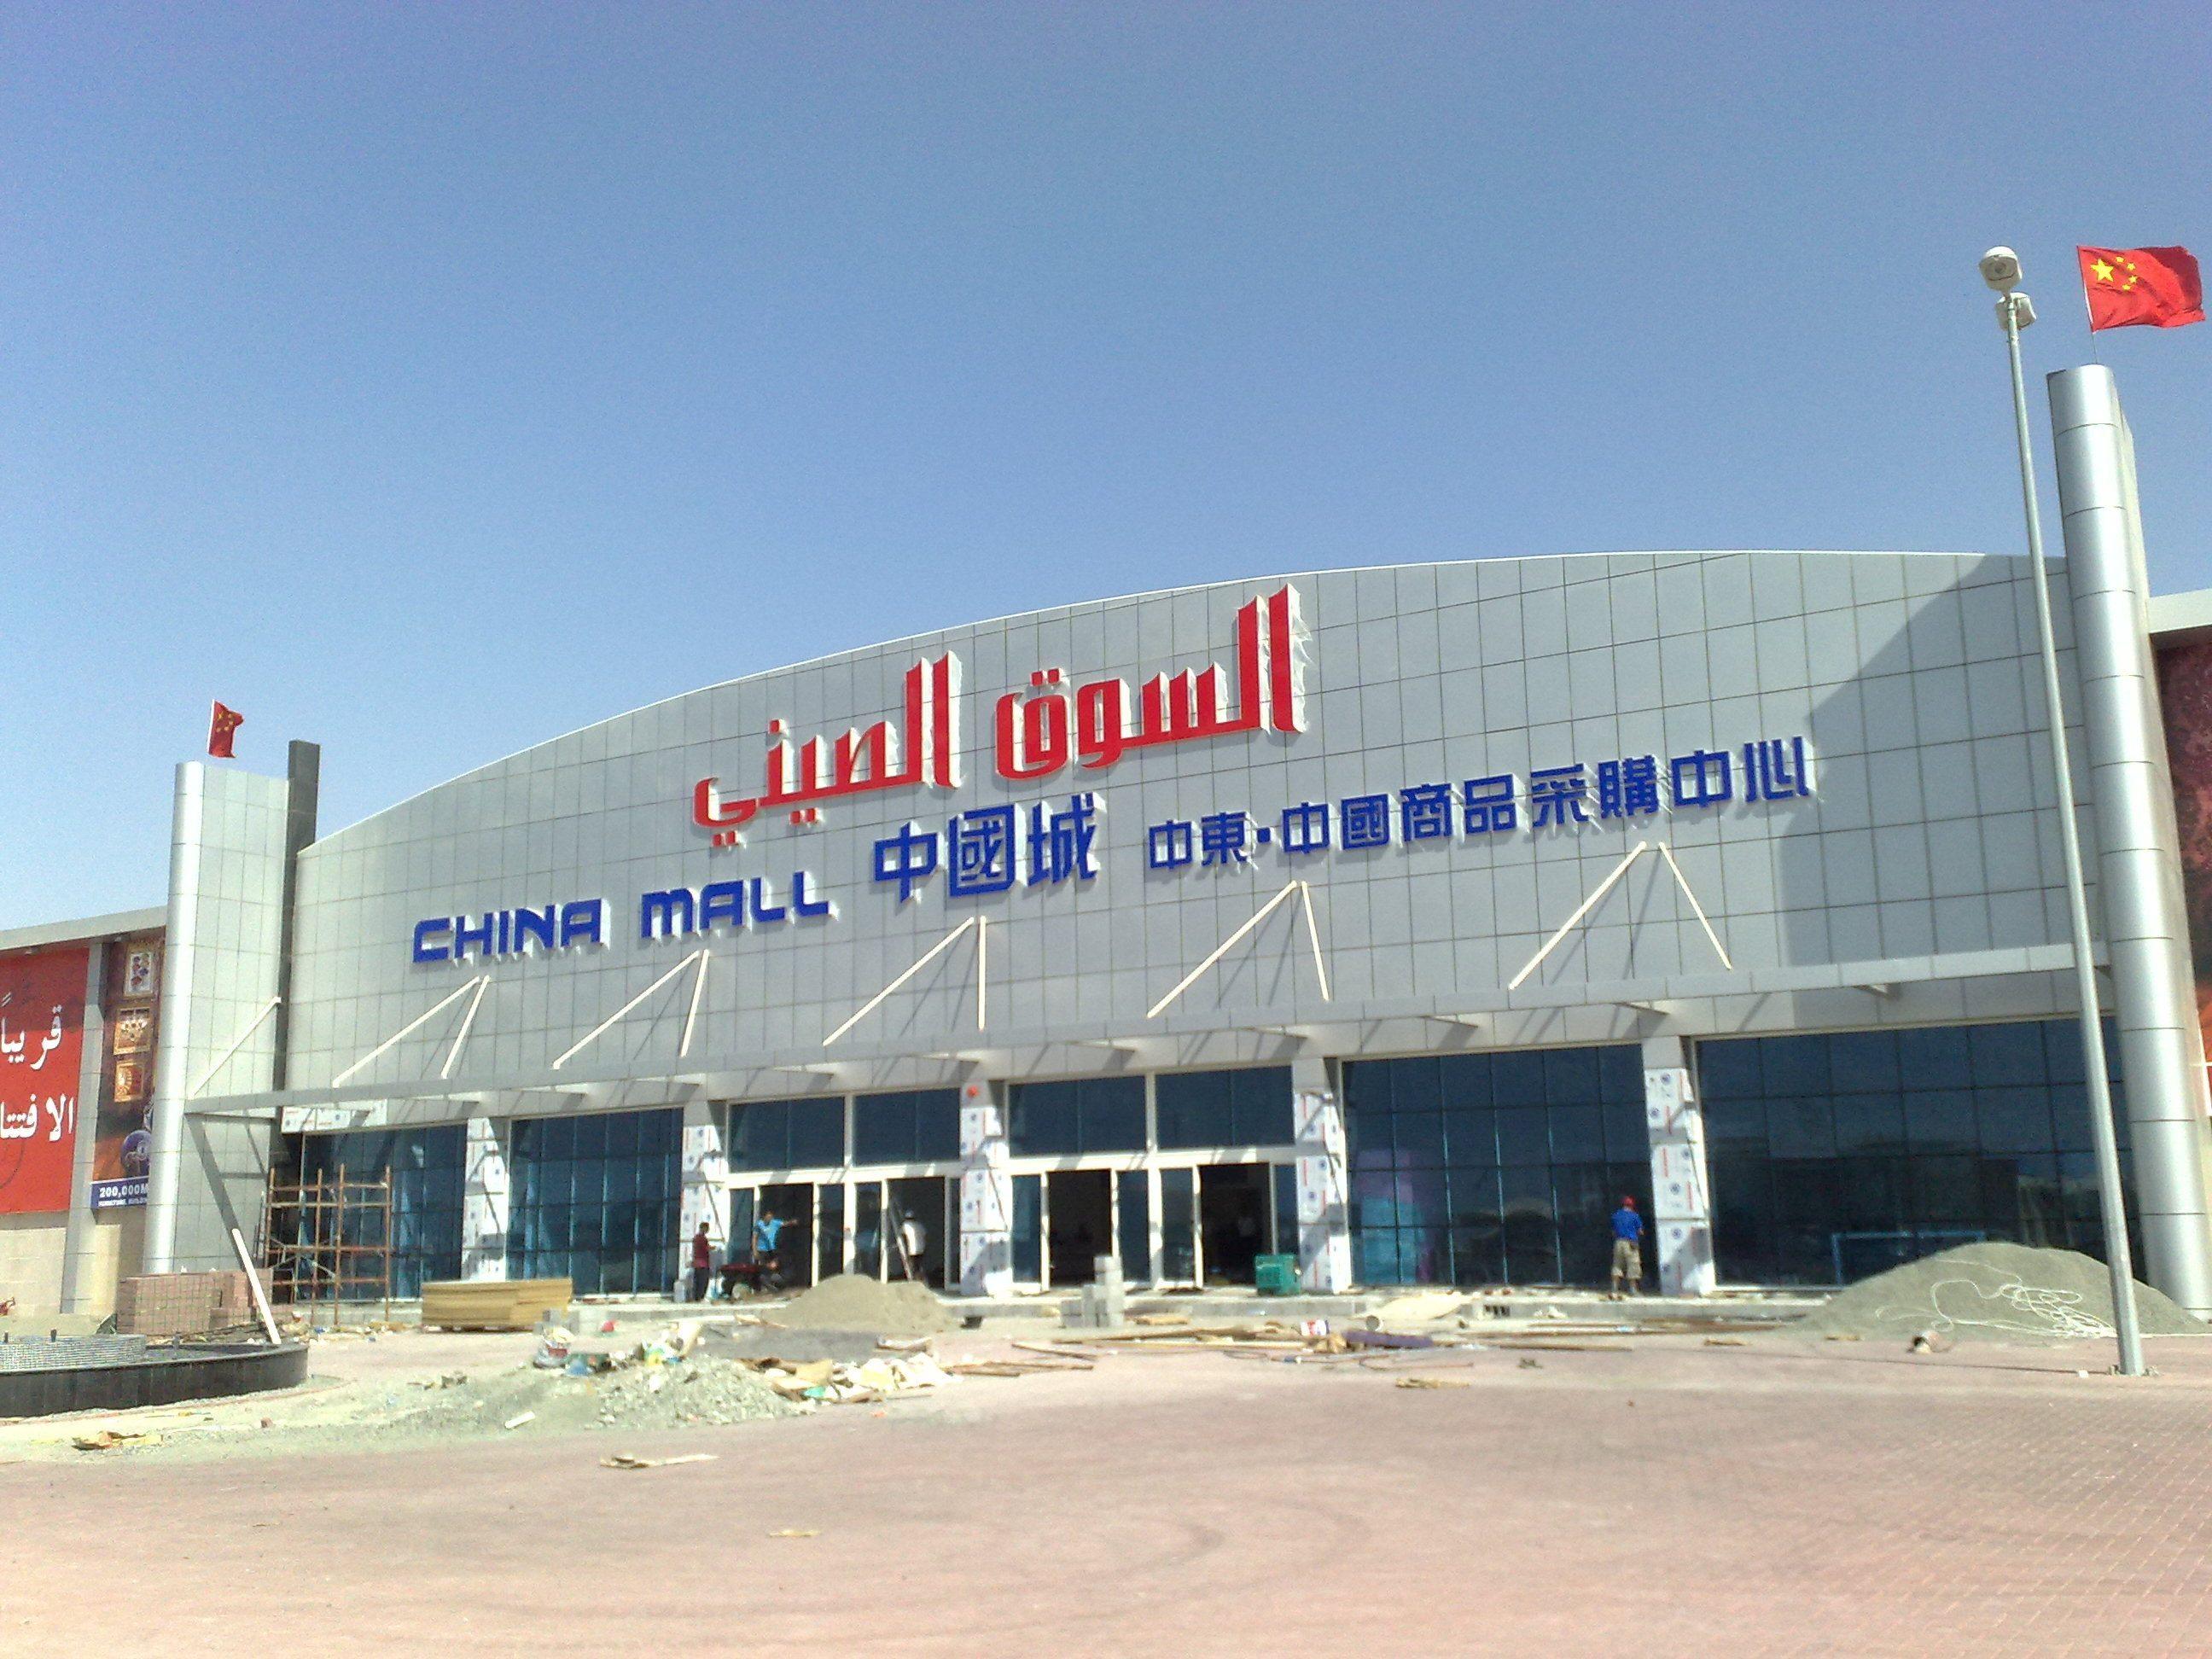 أنشطة في السوق الصيني دبي